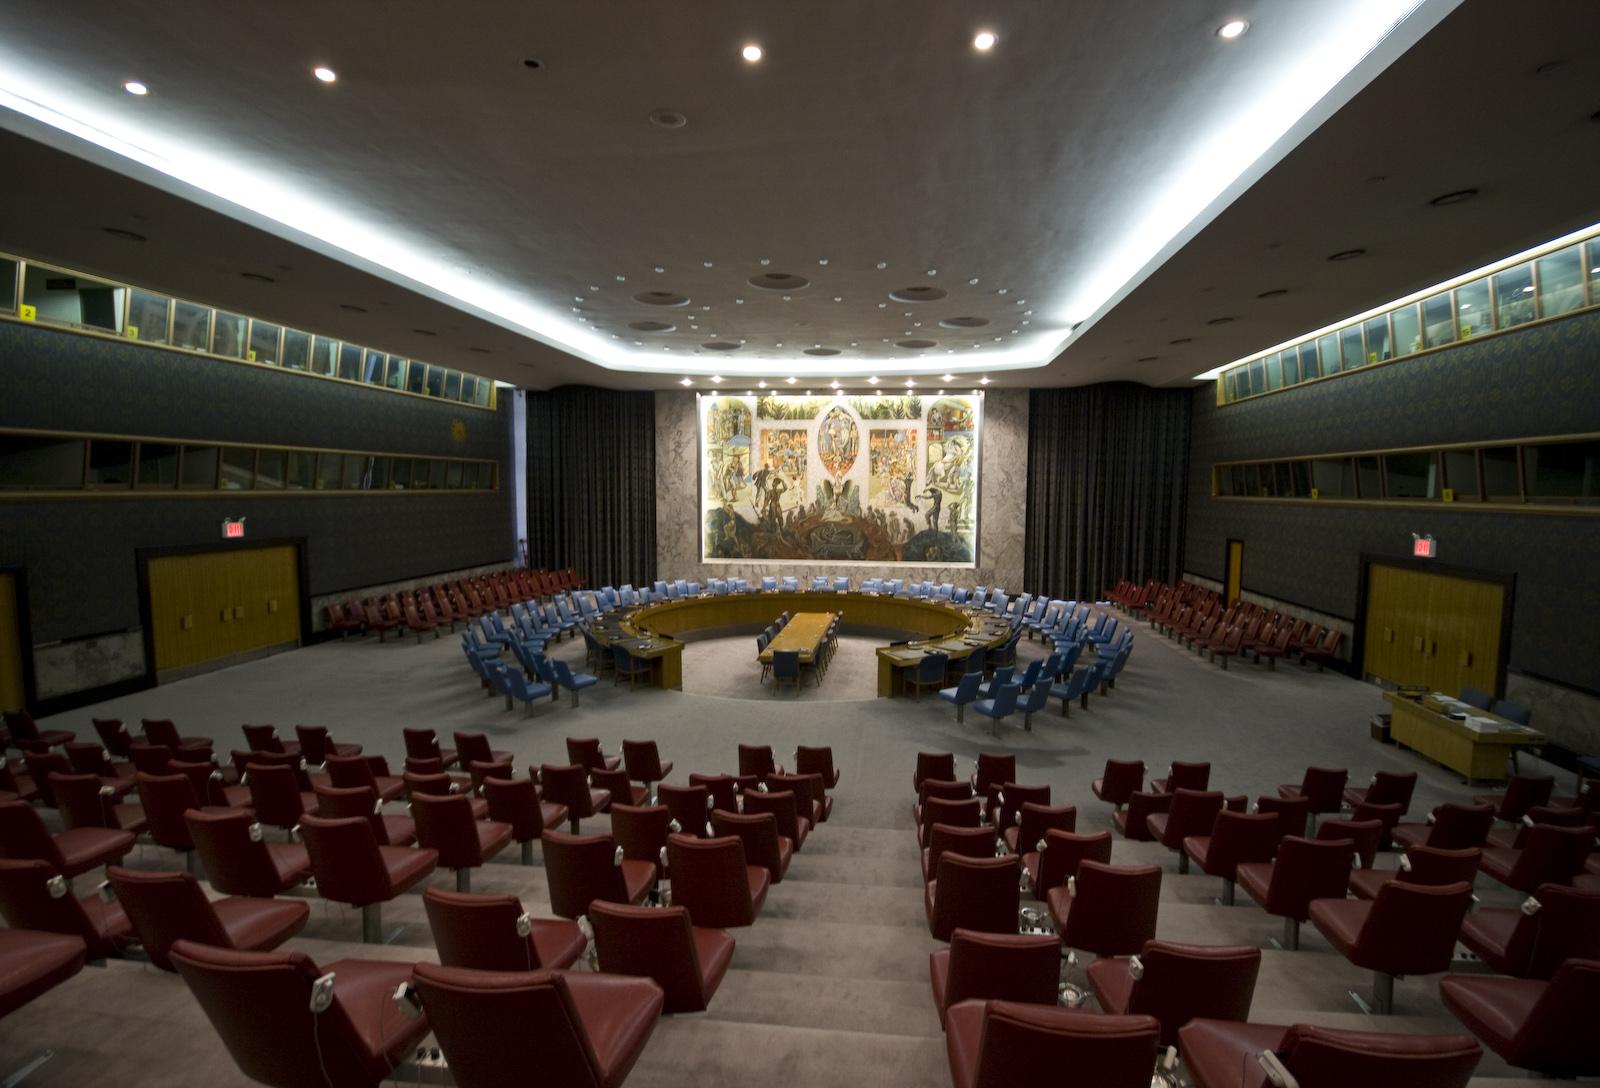 Belize-UN-Security-Council-Aprils-Fool